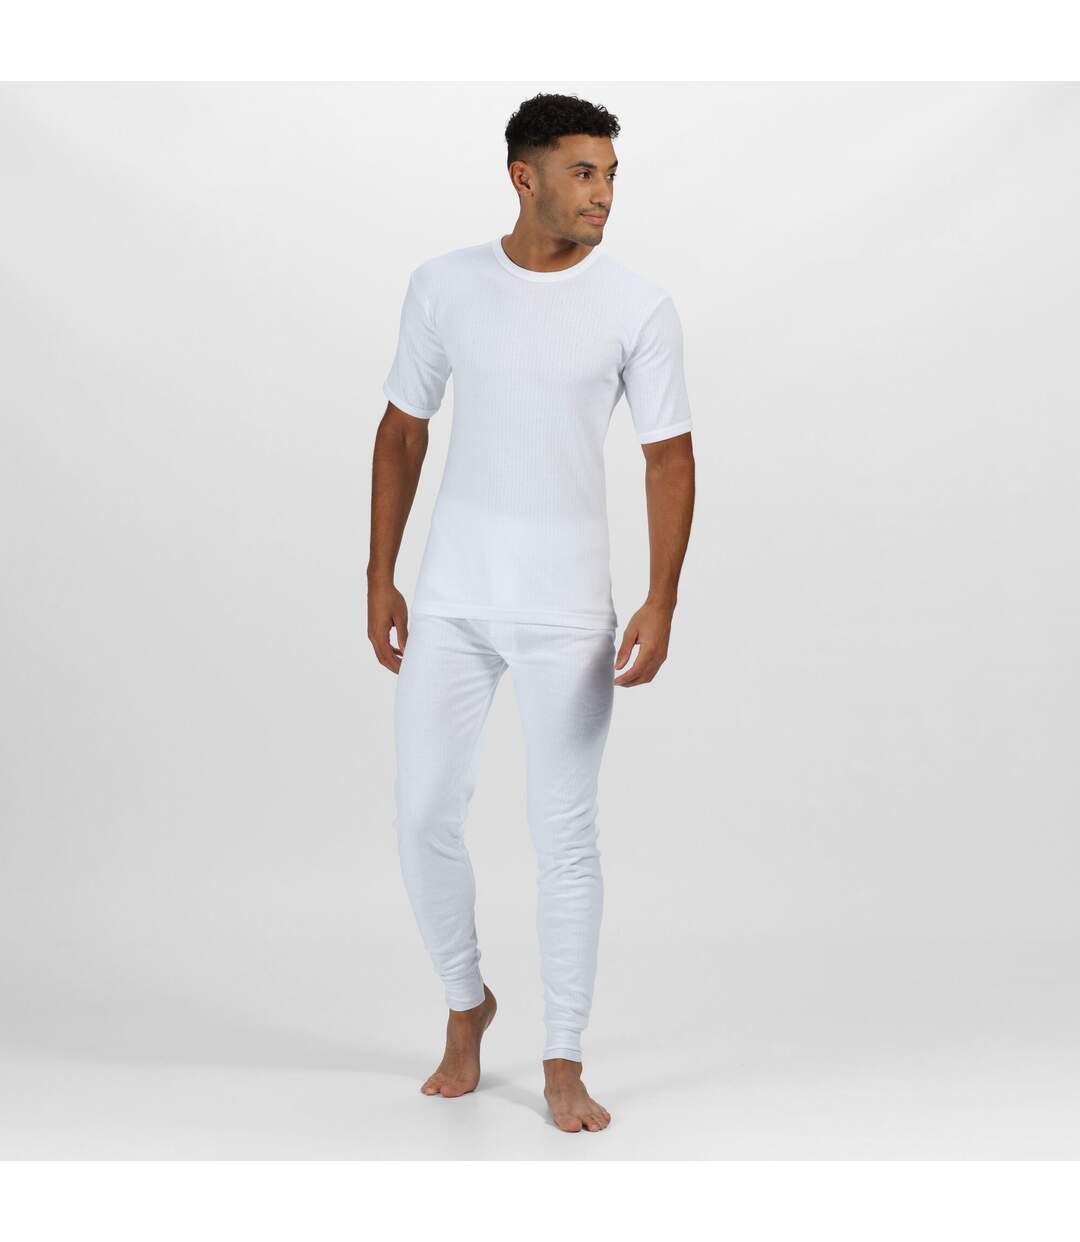 Regatta - T-shirt thermique à manches courtes - Homme (Blanc) - UTRG1427